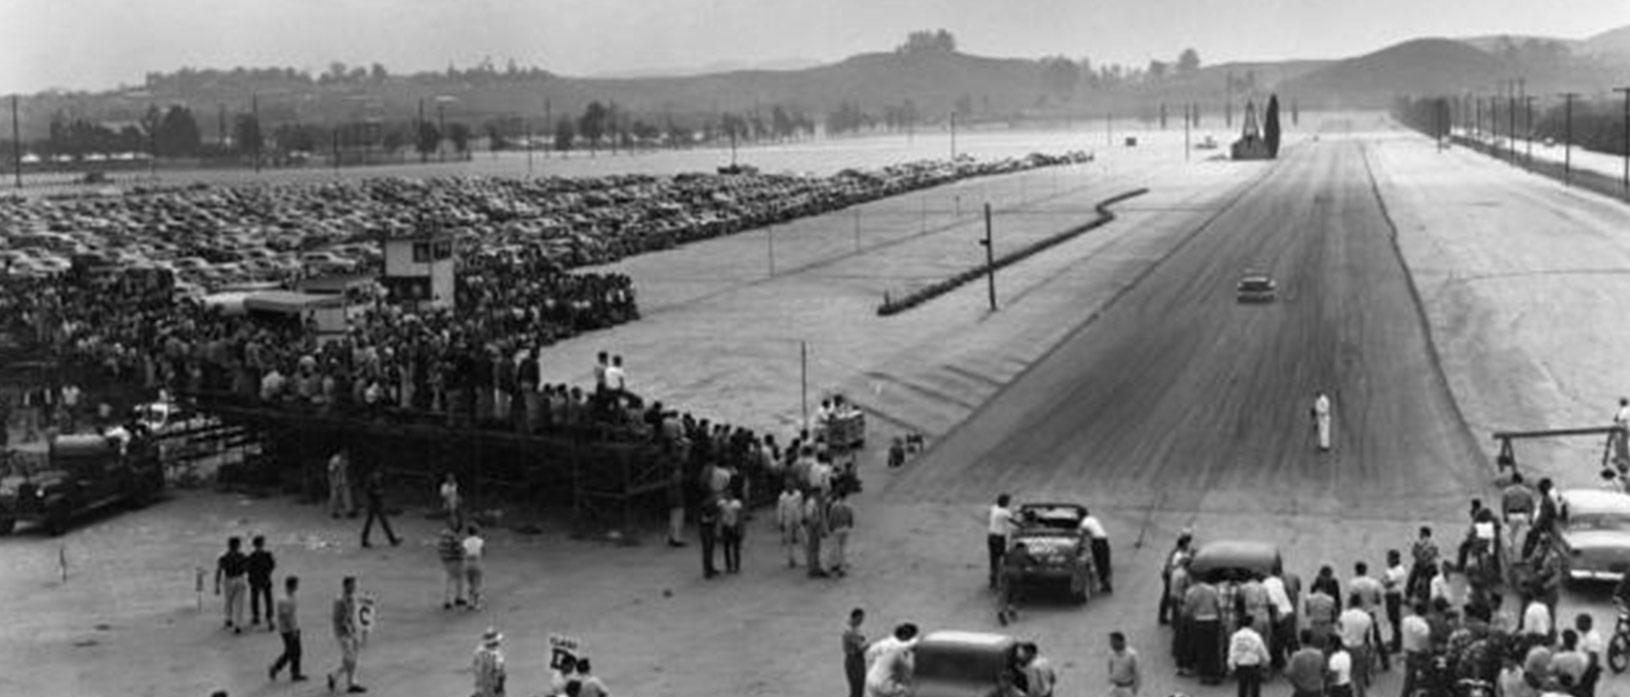 1950 drag strip